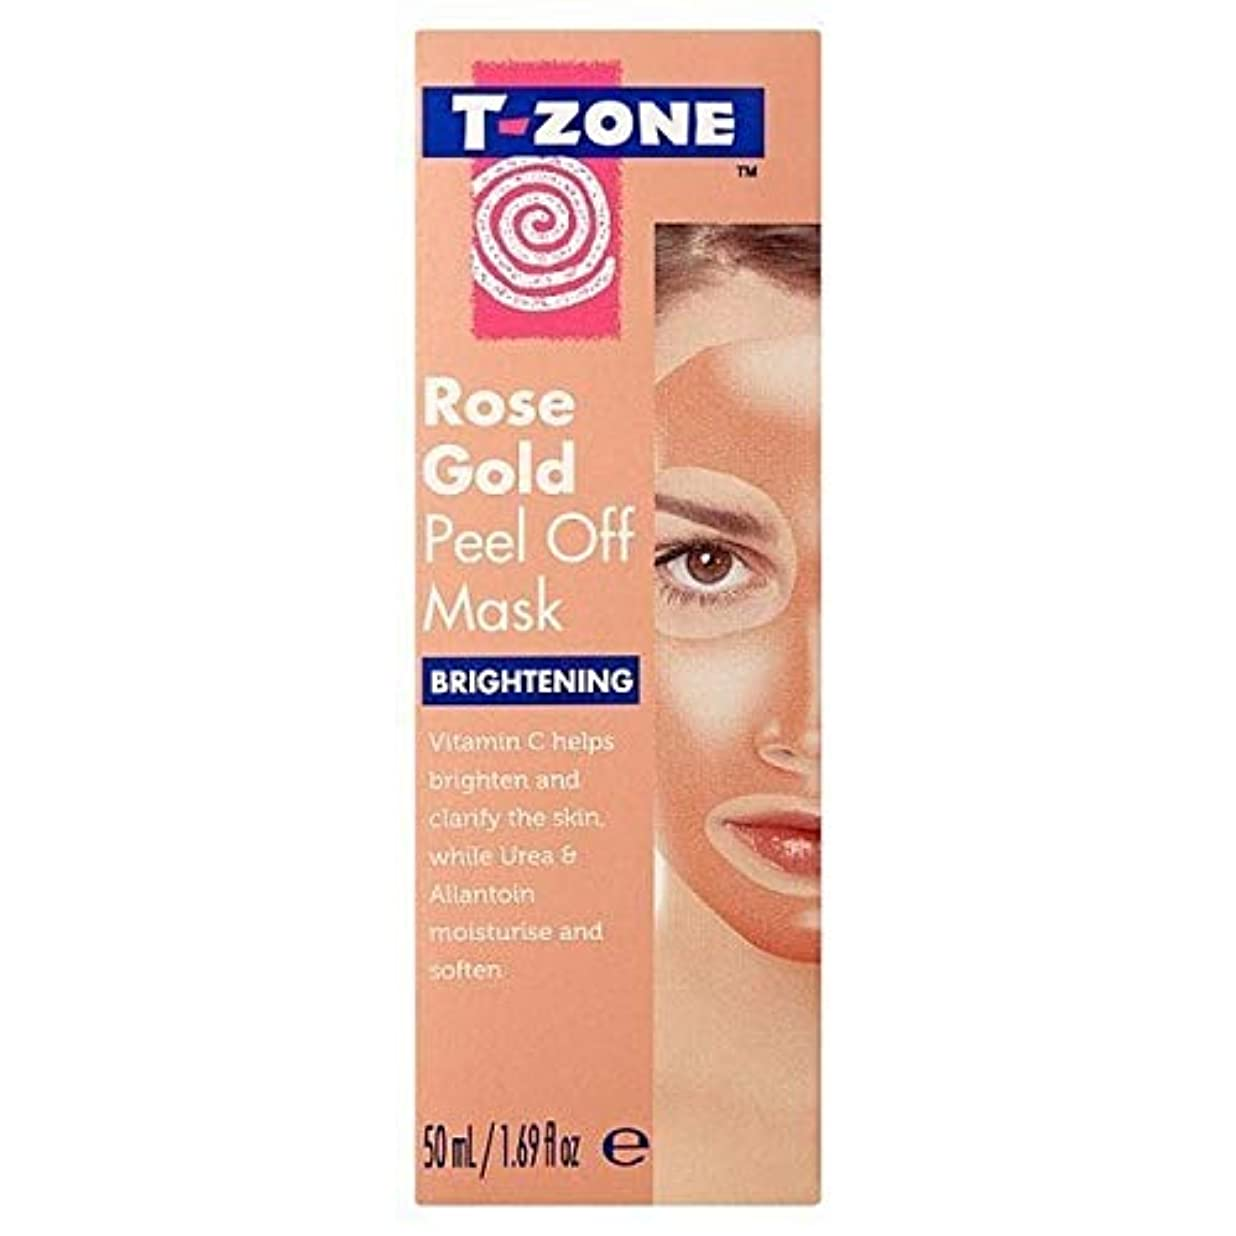 独立した発明する選出する[T-Zone] Tゾーンは、金マスク50ミリリットルを明るくはがしバラ - T-Zone Rose Gold Peel Off Brightening Mask 50ml [並行輸入品]